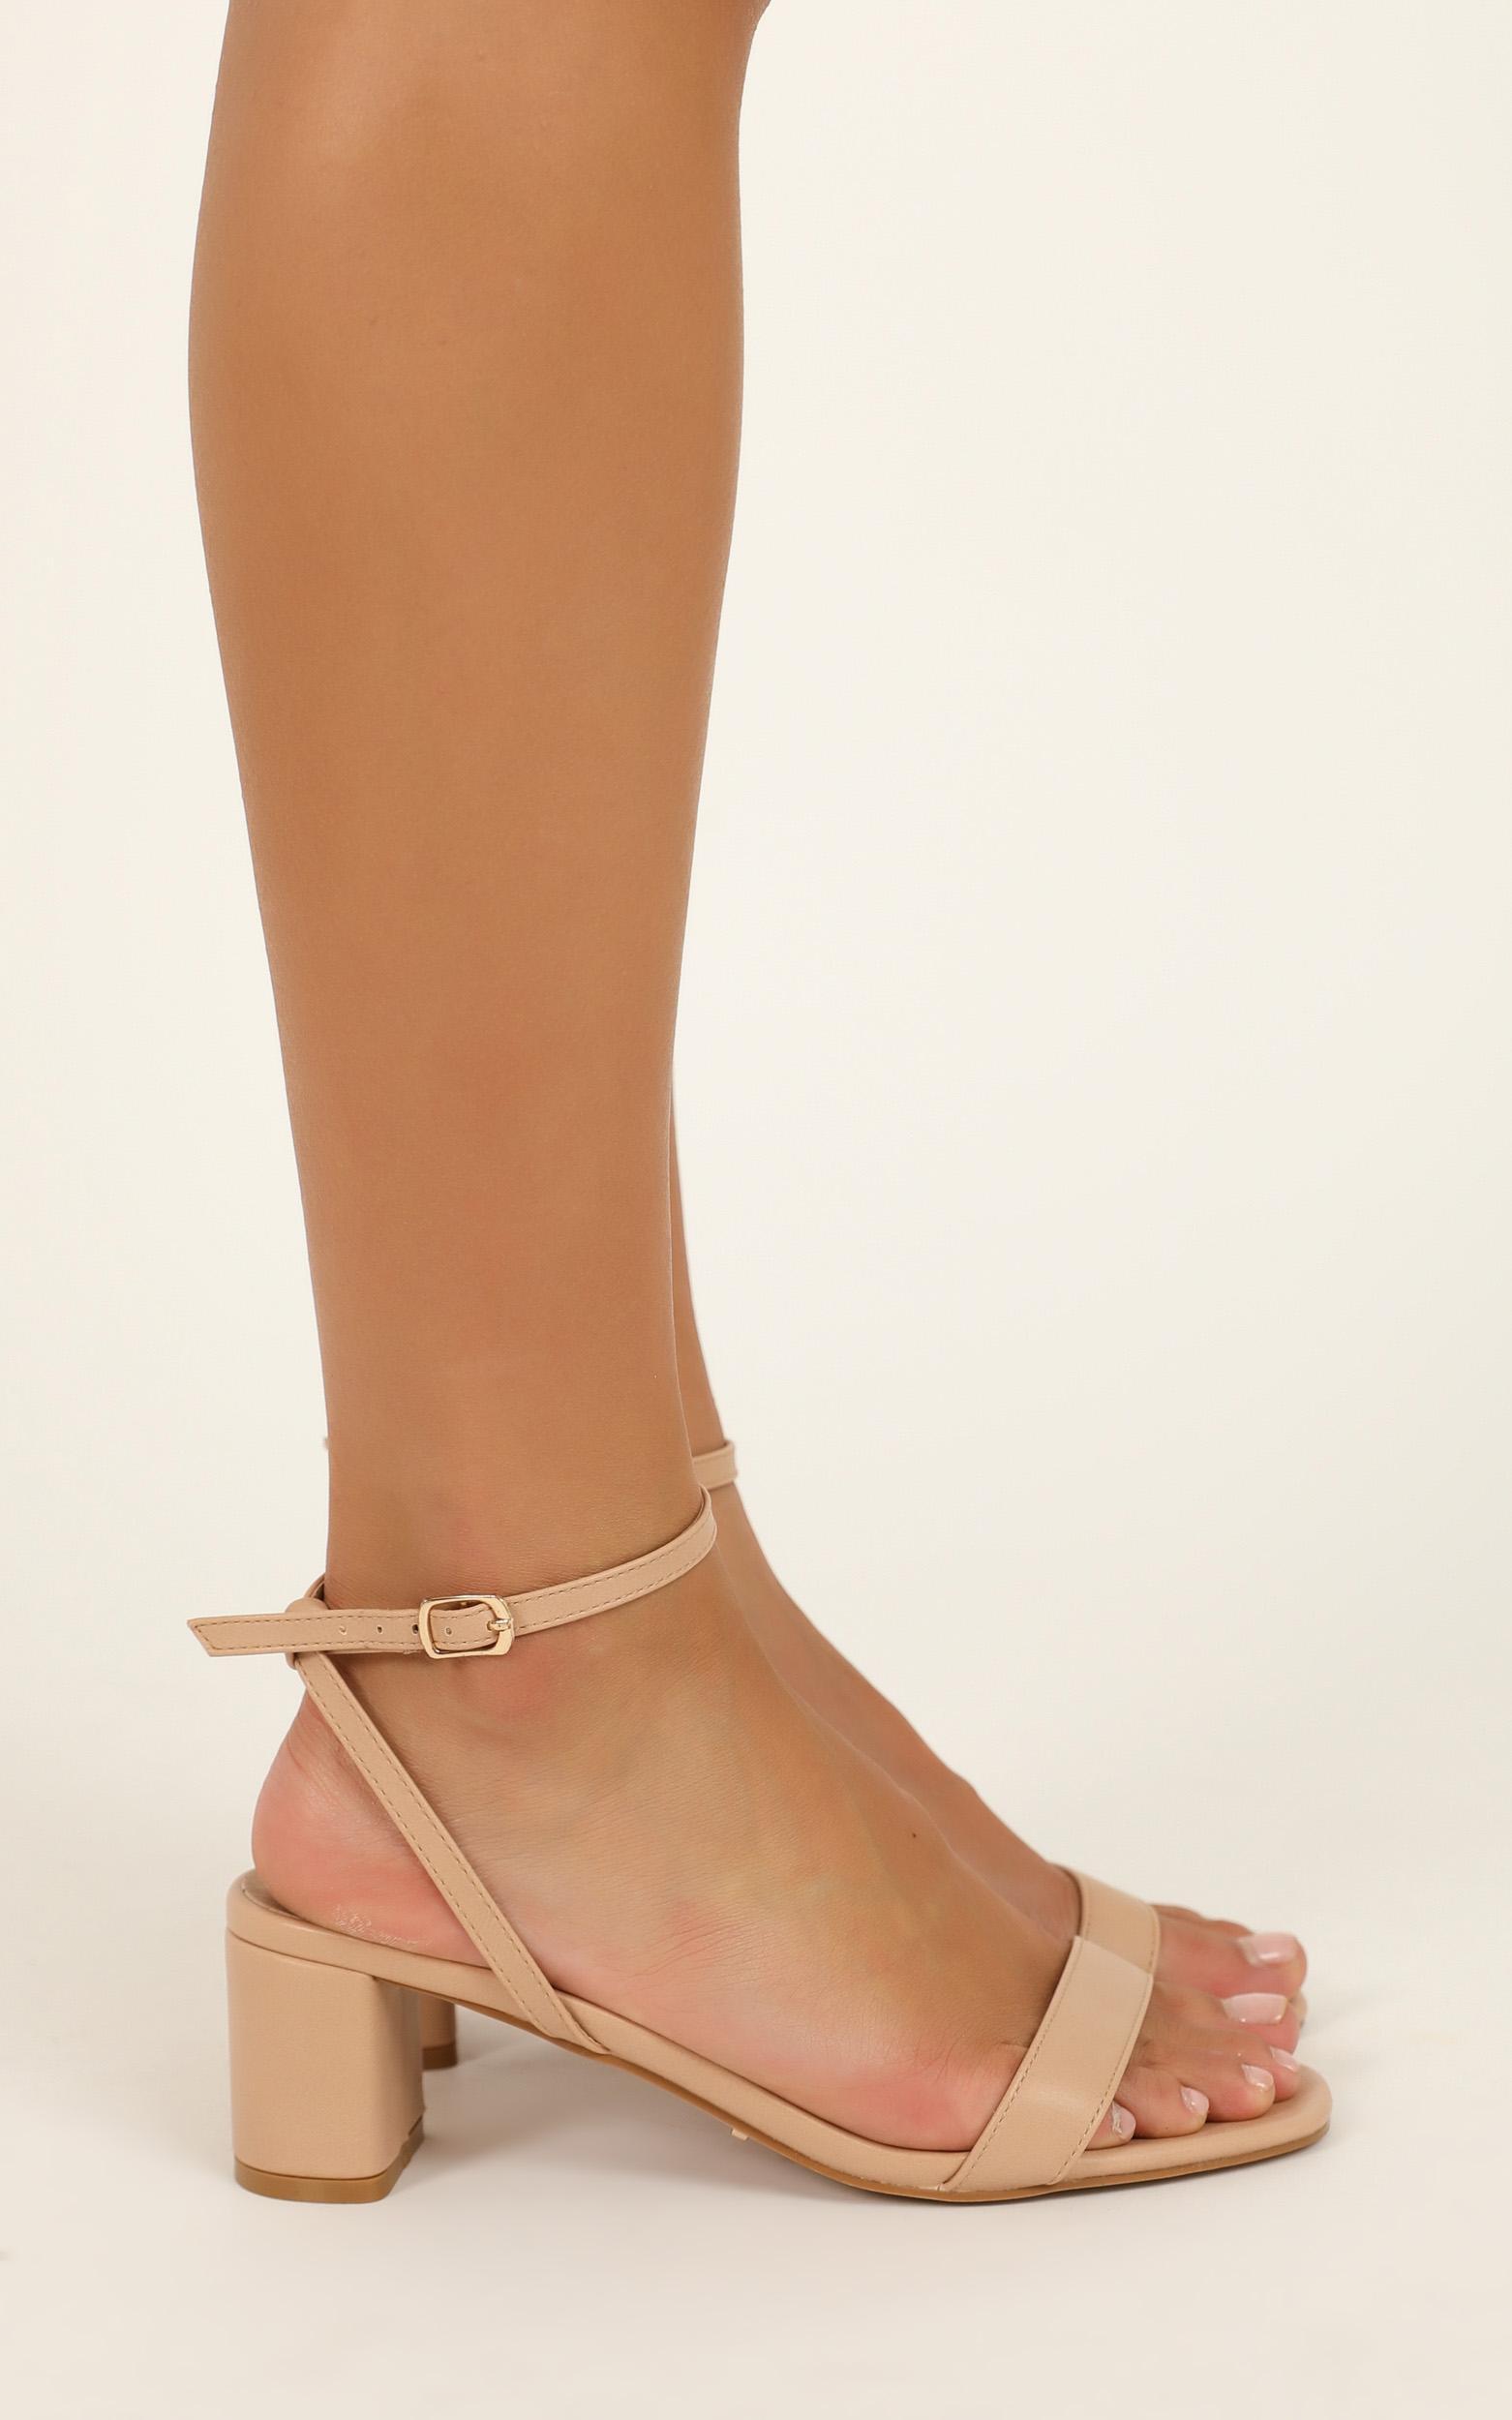 Billini - Zuri Heels in nude - 10, Beige, hi-res image number null